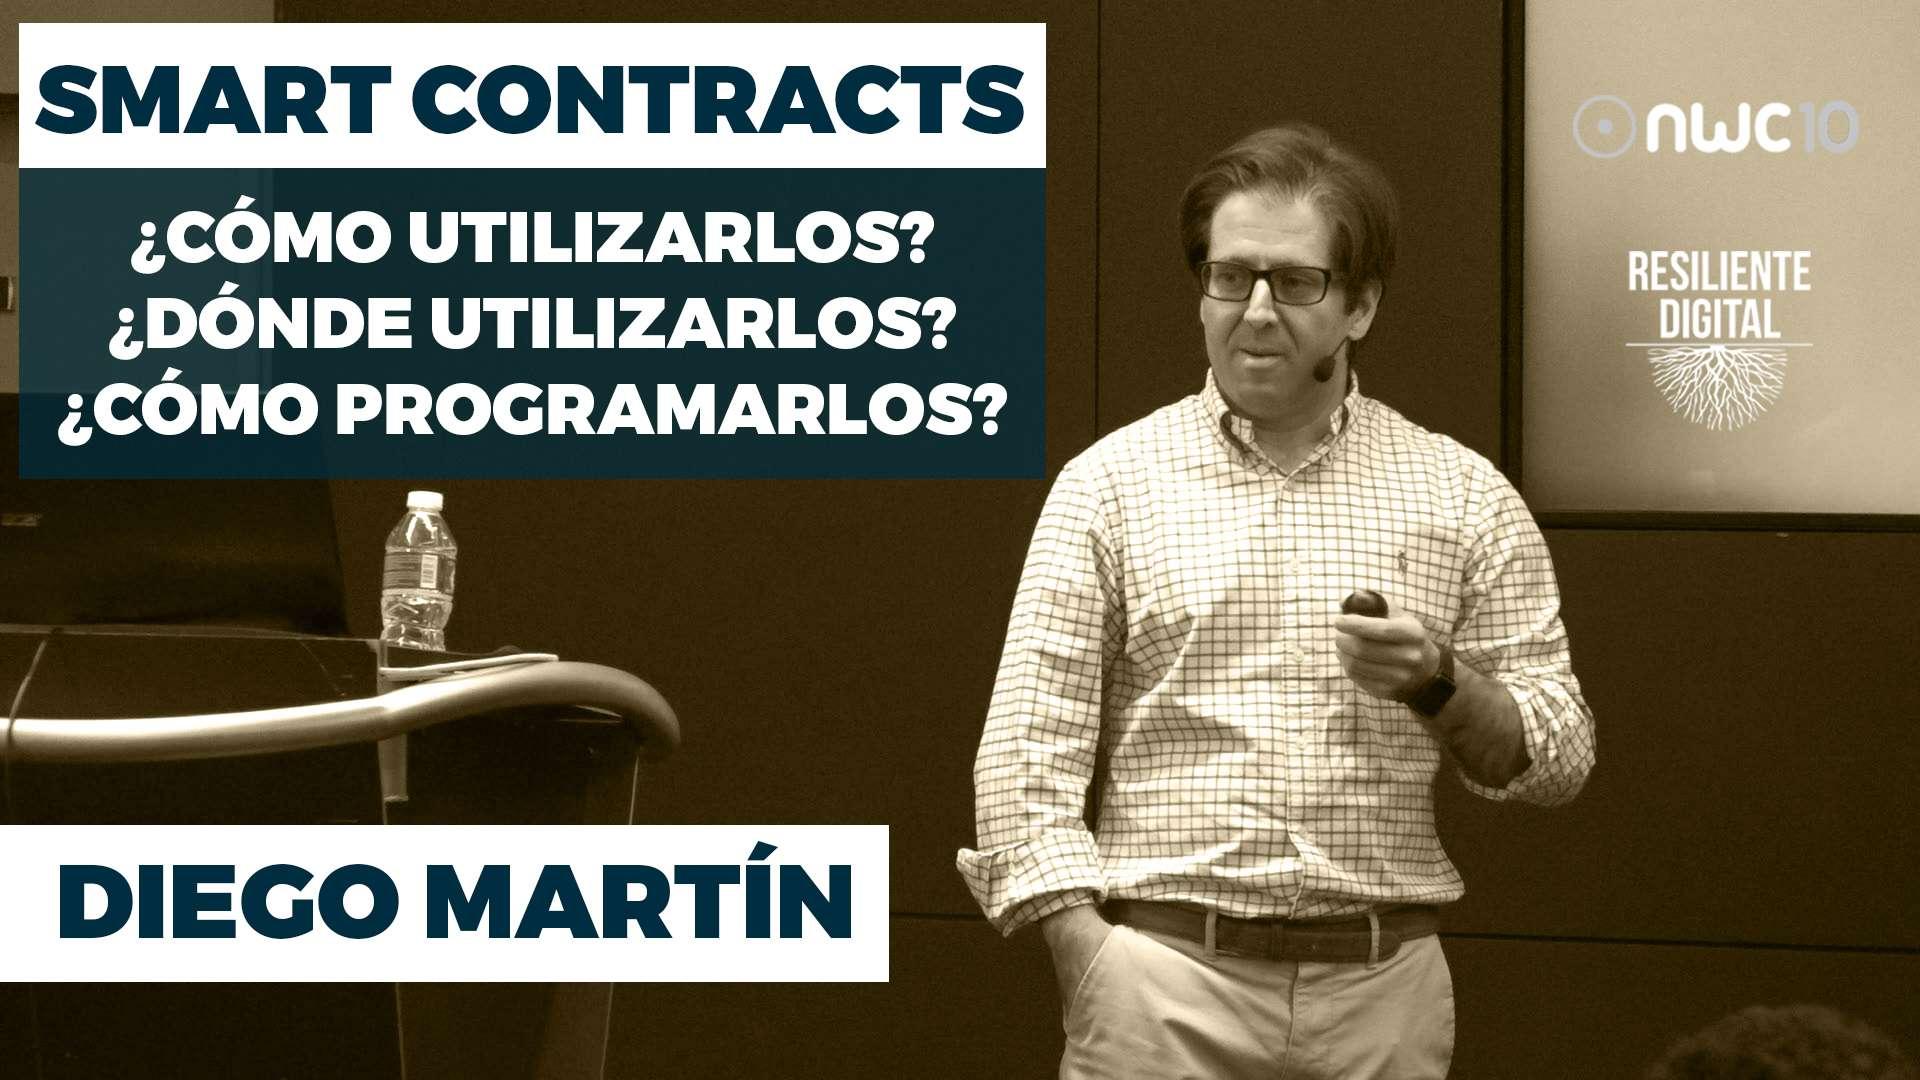 Los Contratos Inteligentes (Smart Contracts) – Qué son, Cómo y Dónde Utilizarlos y Cómo Programarlos